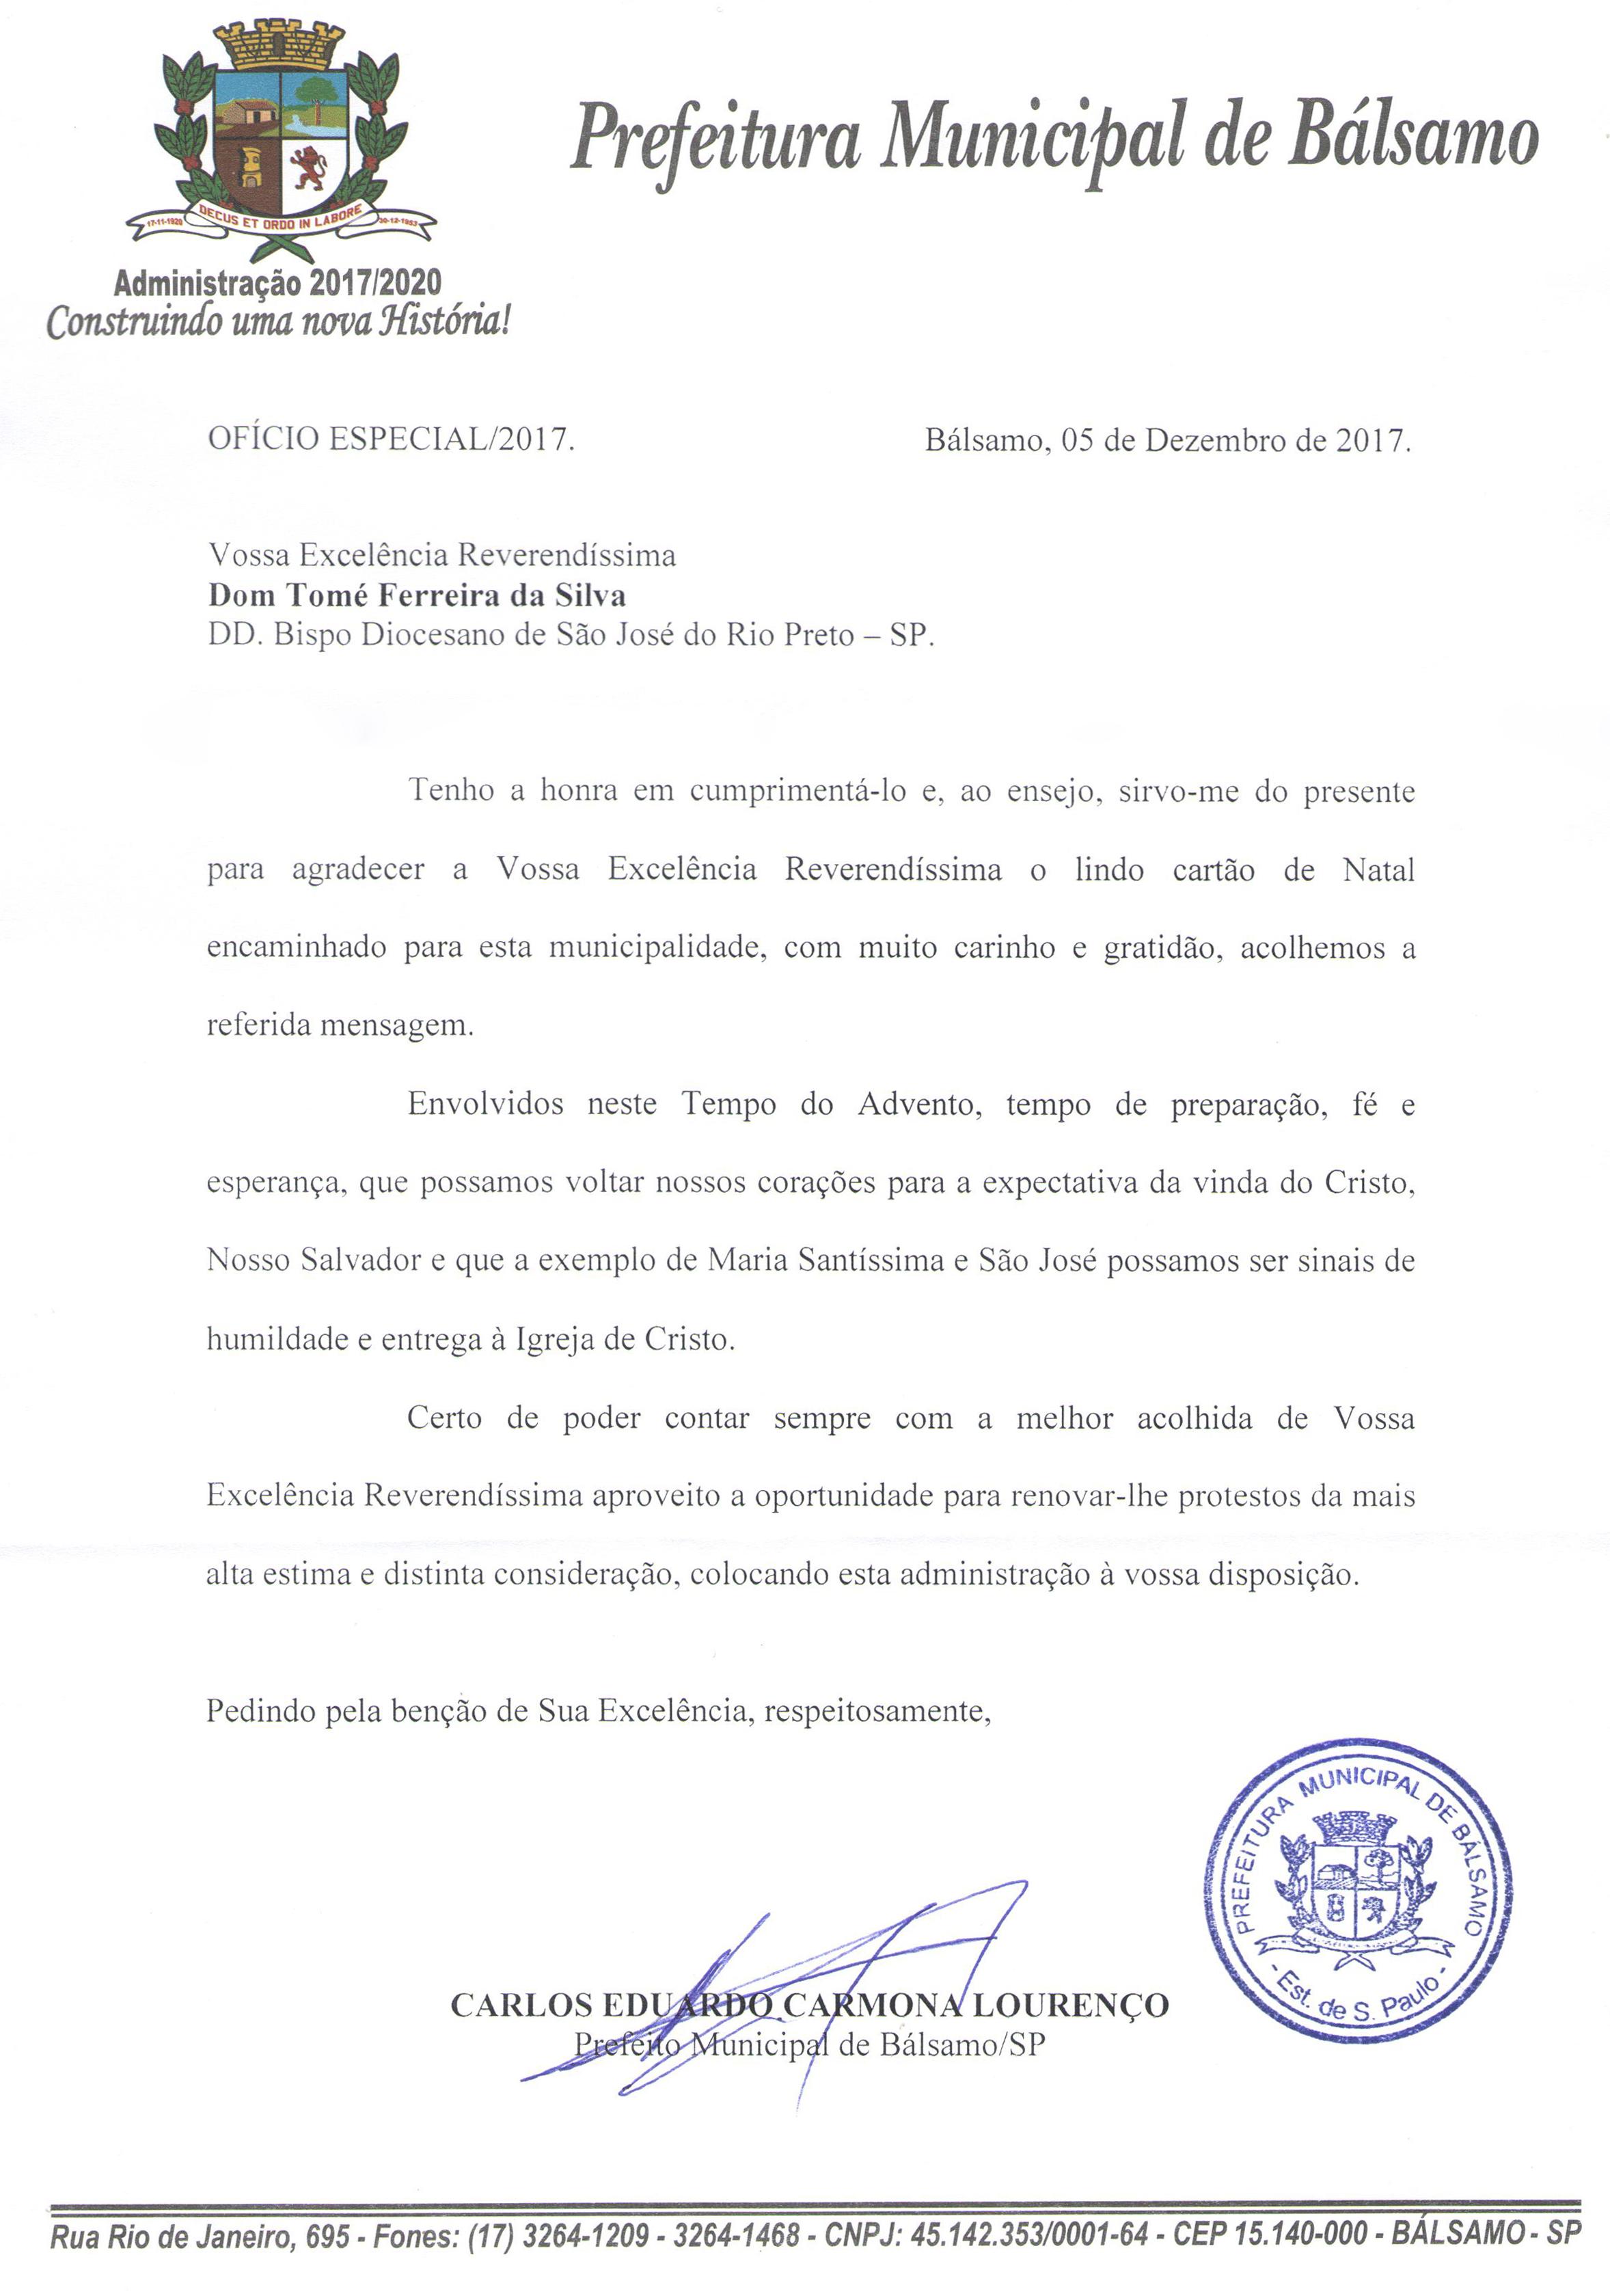 Prefeitura Municipal de Bálsamo envia carta de agradecimento a dom Tomé